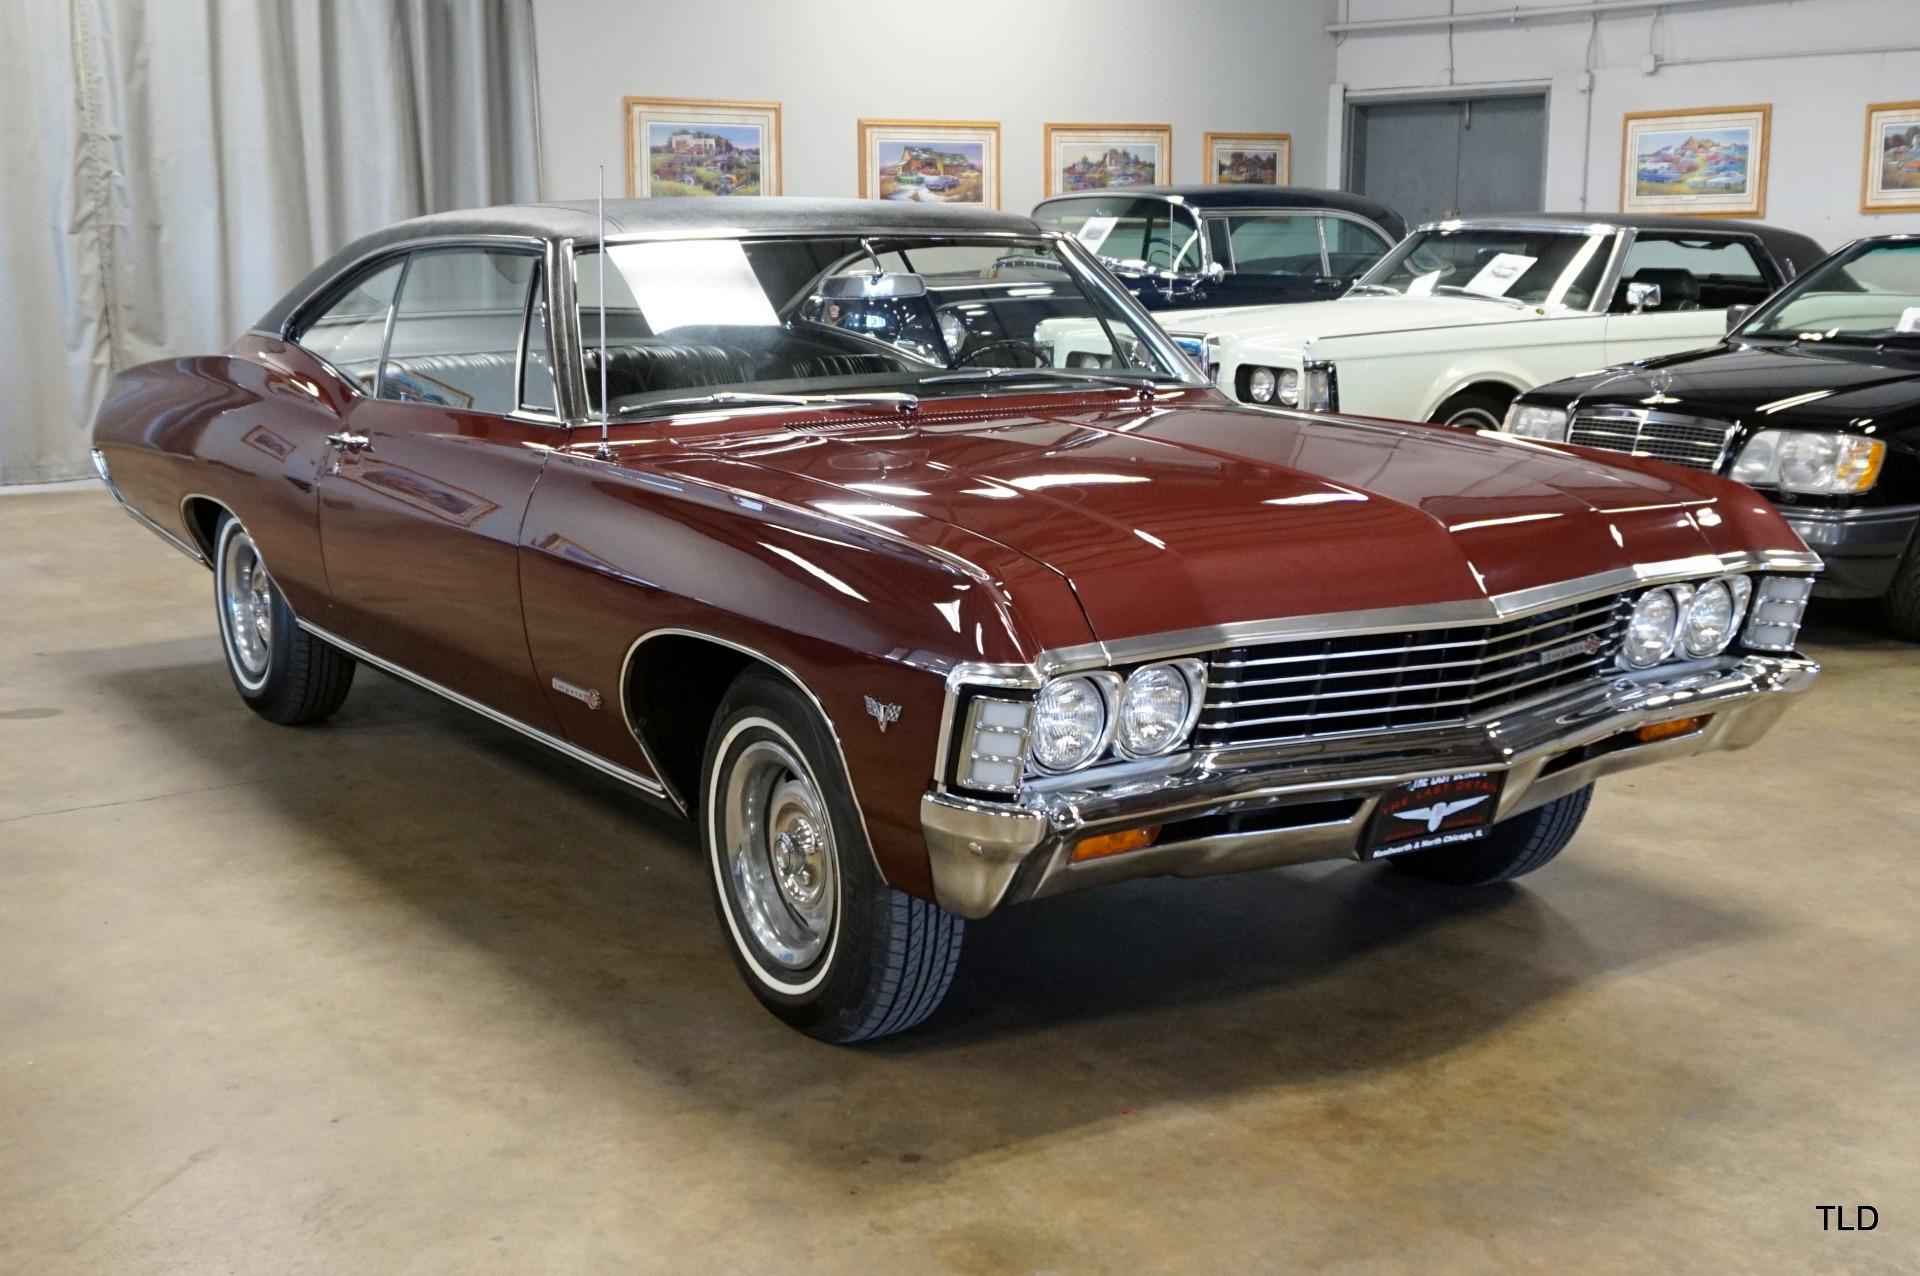 Kekurangan Chevrolet Impala 1967 Top Model Tahun Ini